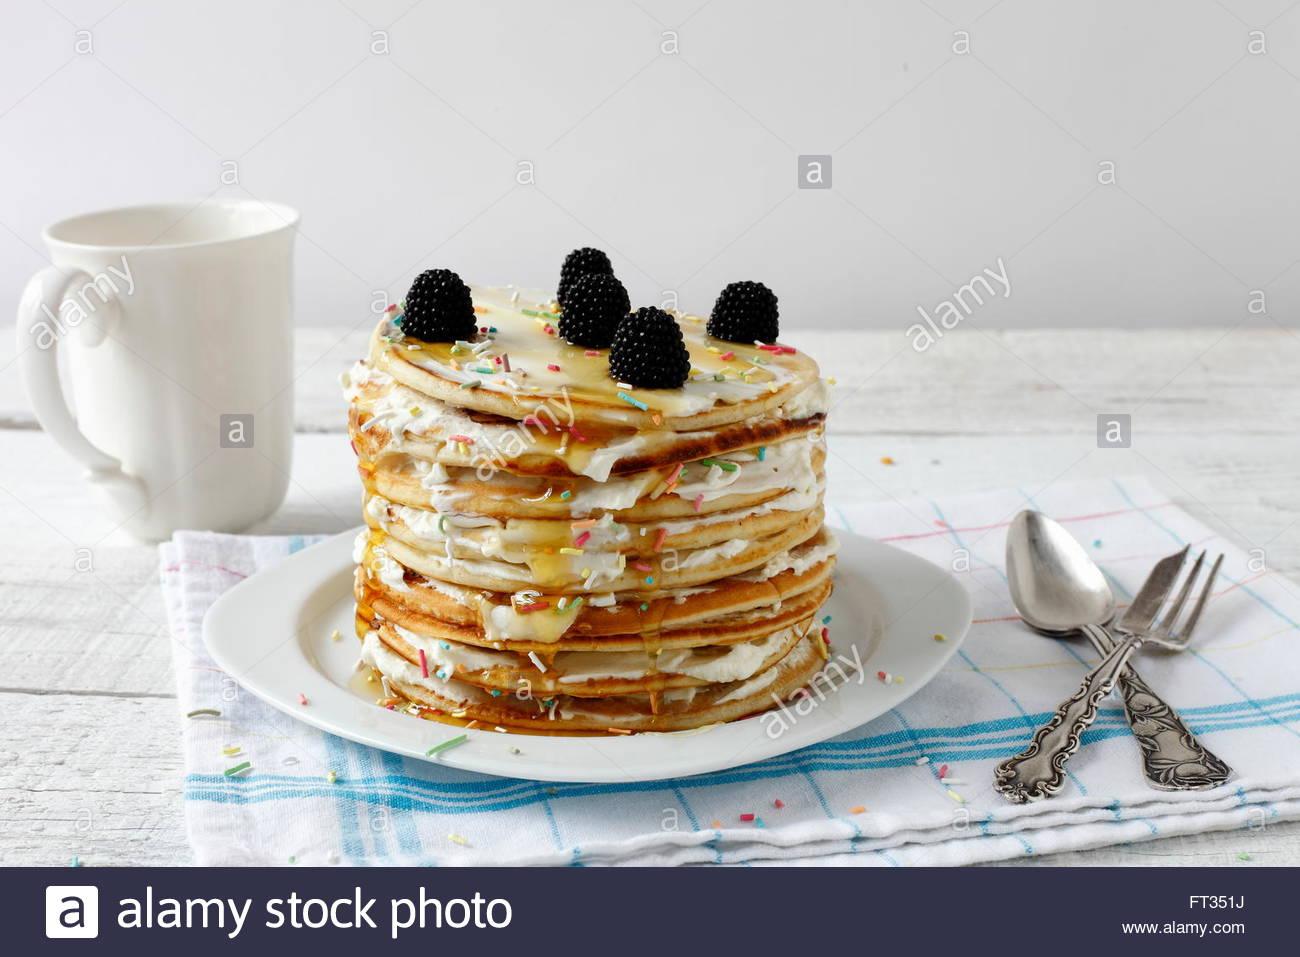 La luce diurna macro fotografato pancake, cibo preparato Immagini Stock